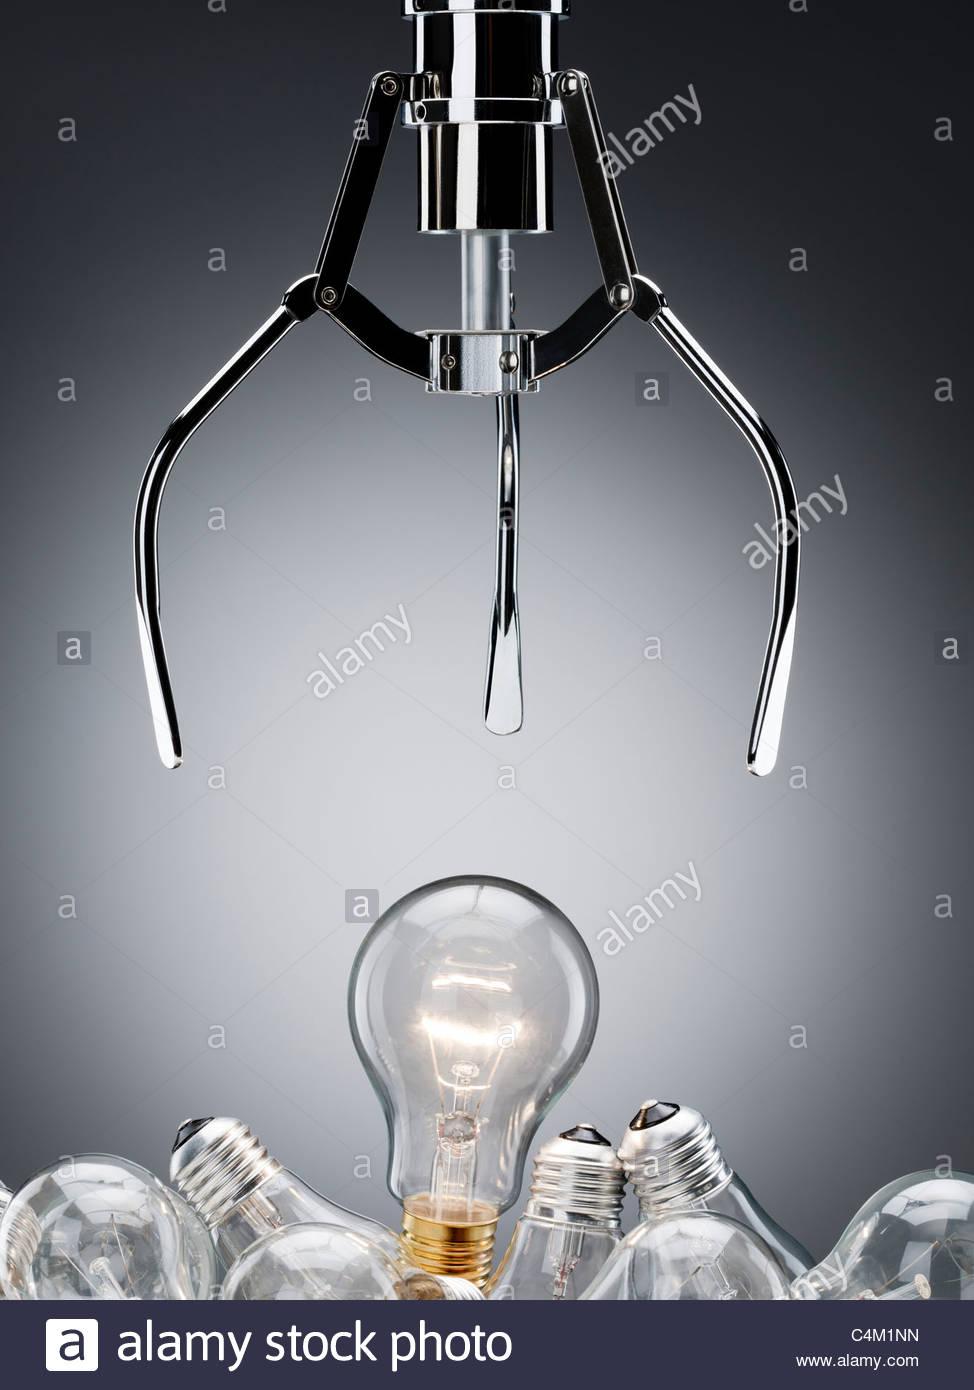 Mechanische Greifer für Glühbirne zu erreichen Stockbild